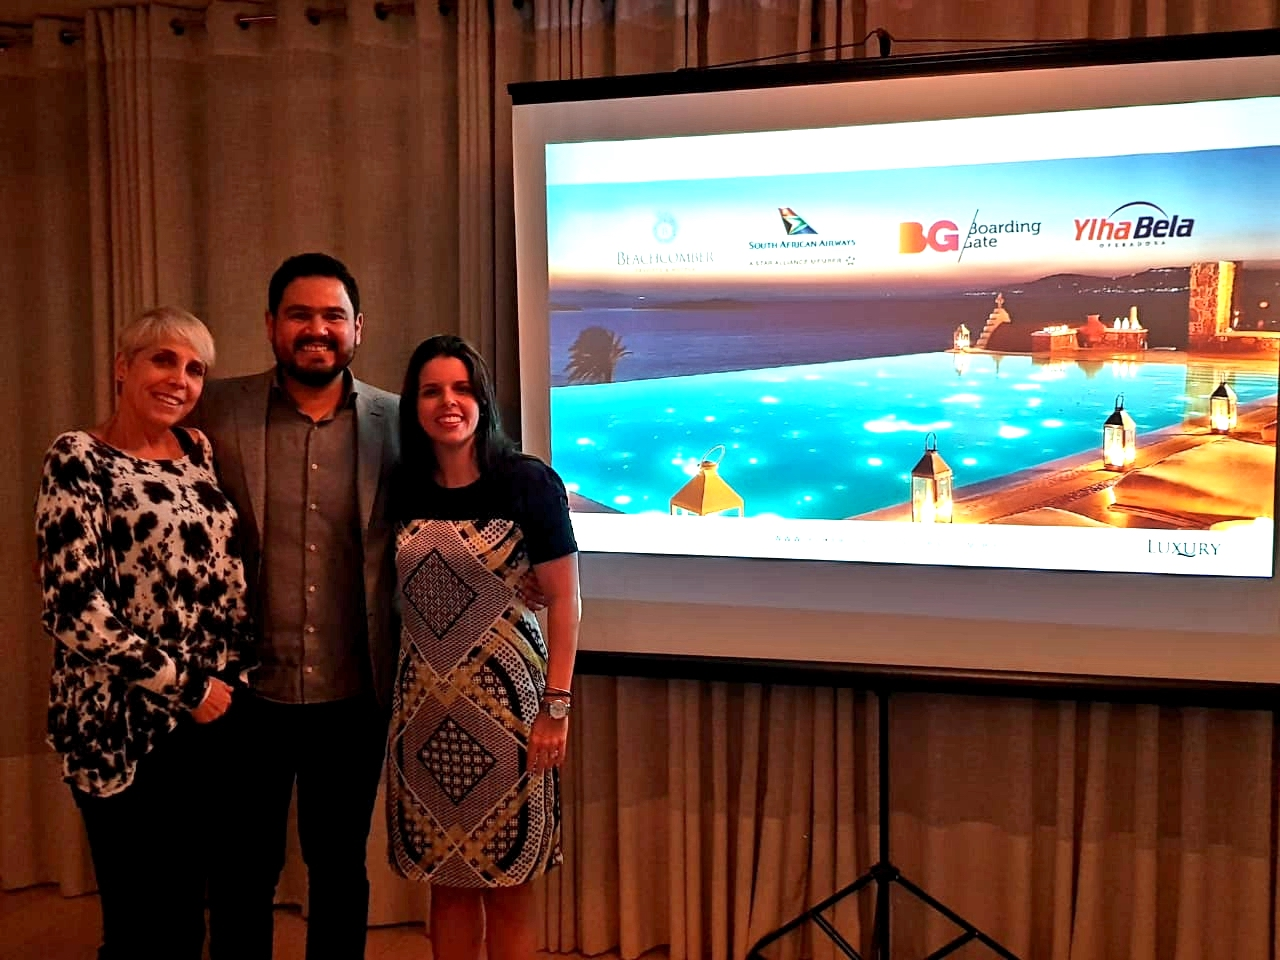 Chris Kler, da Boarding Gate; Neto Buteri, da Ylha Bela Operadora, e Fernanda Palhares, da SAA, na abertura da capacitação